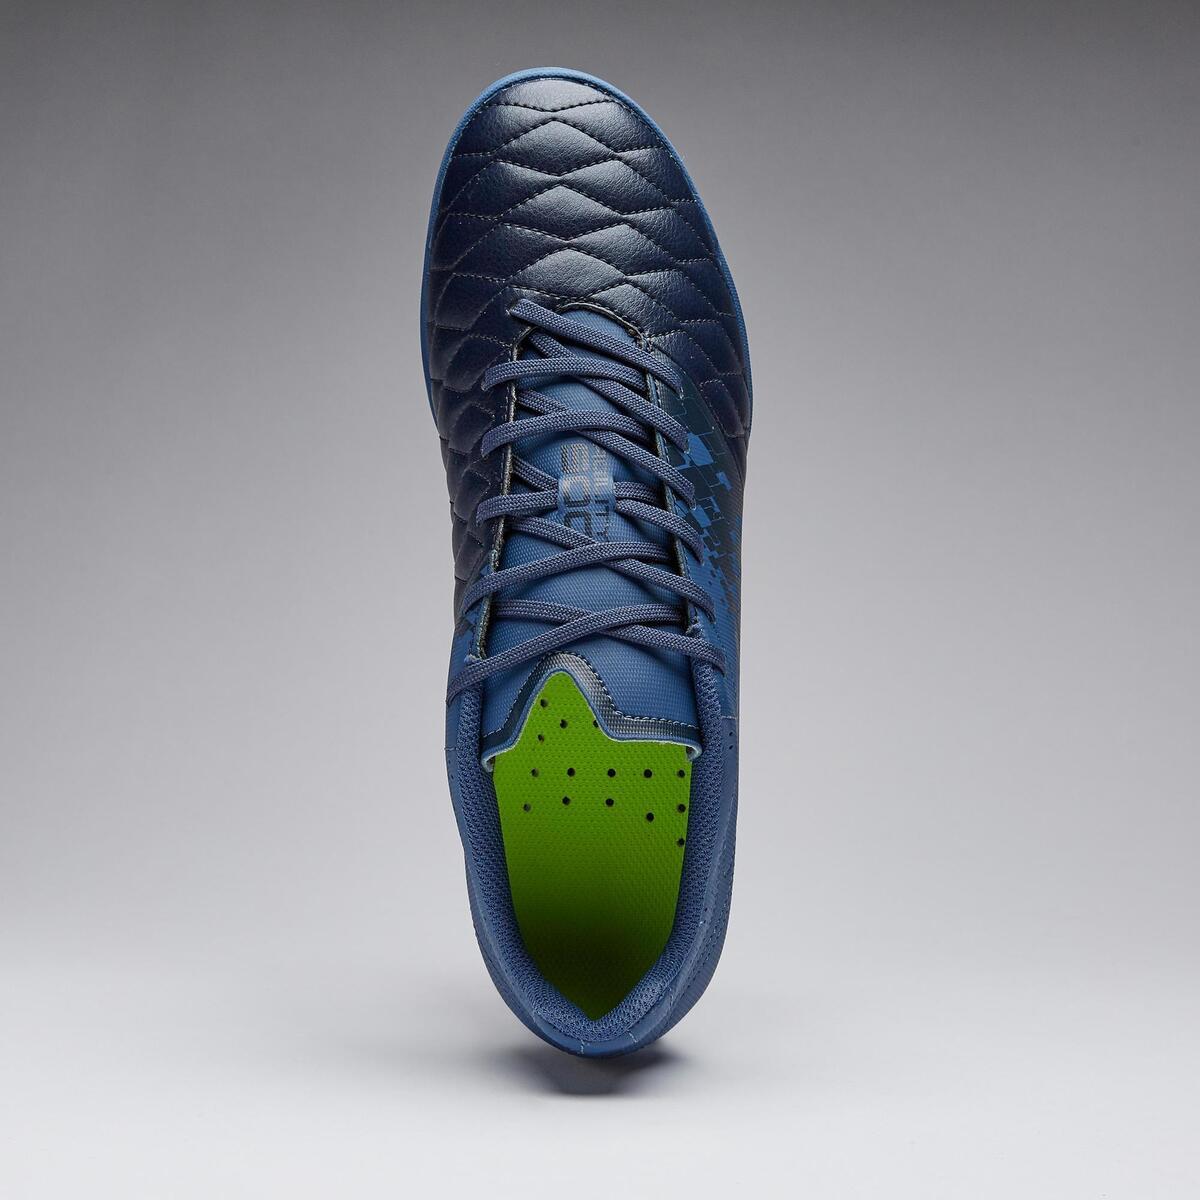 Bild 5 von Fußballschuhe Multinocken Agility 500 HG Erwachsene blau